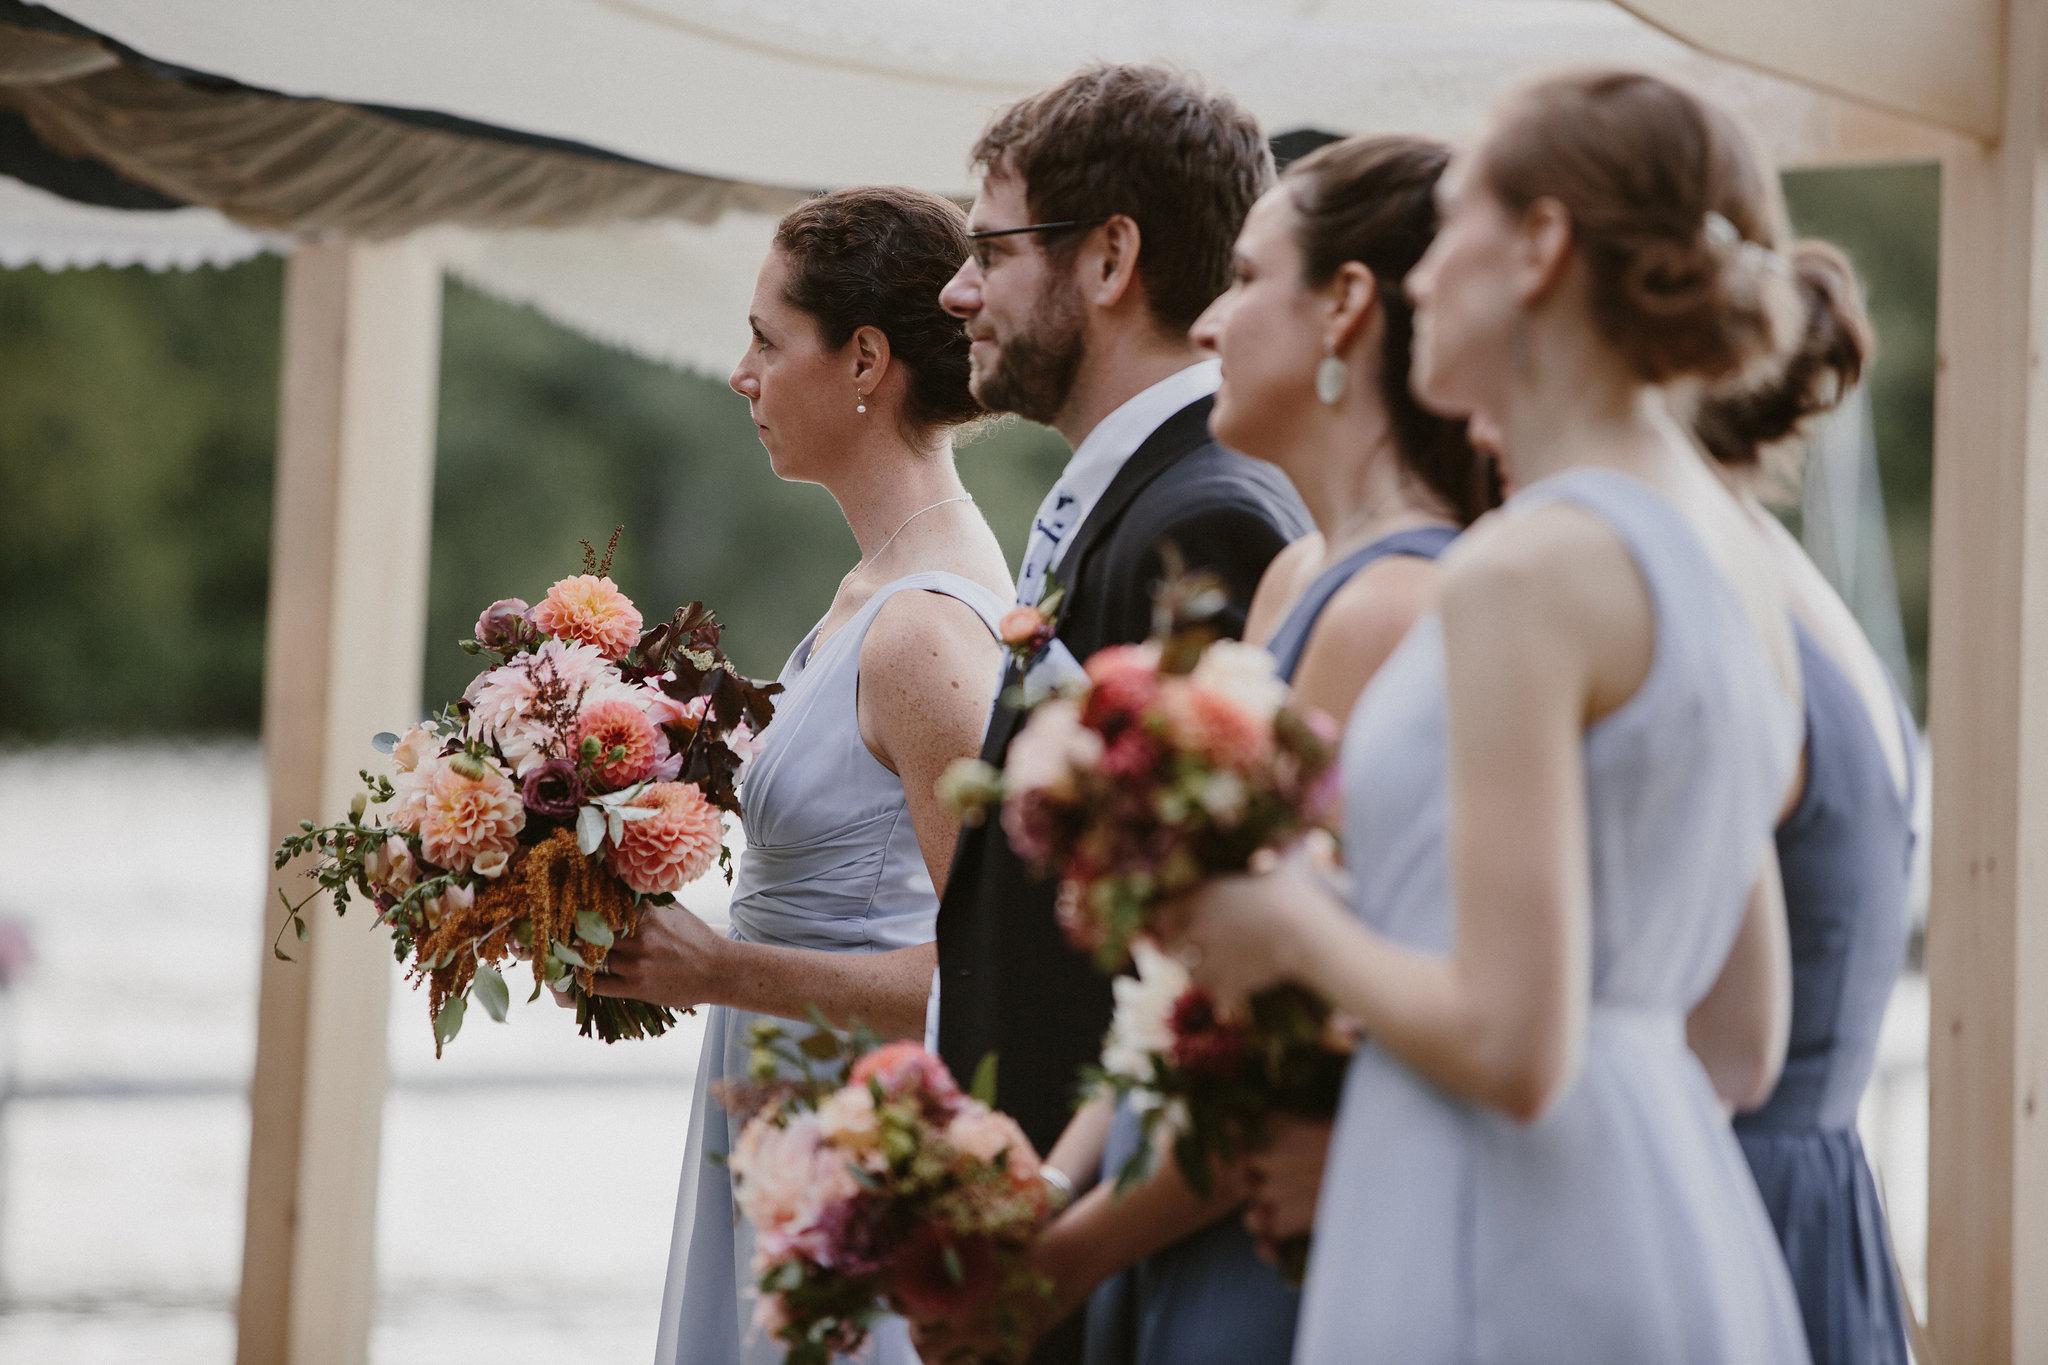 gaddes-jablonowski-wedding-797.jpg